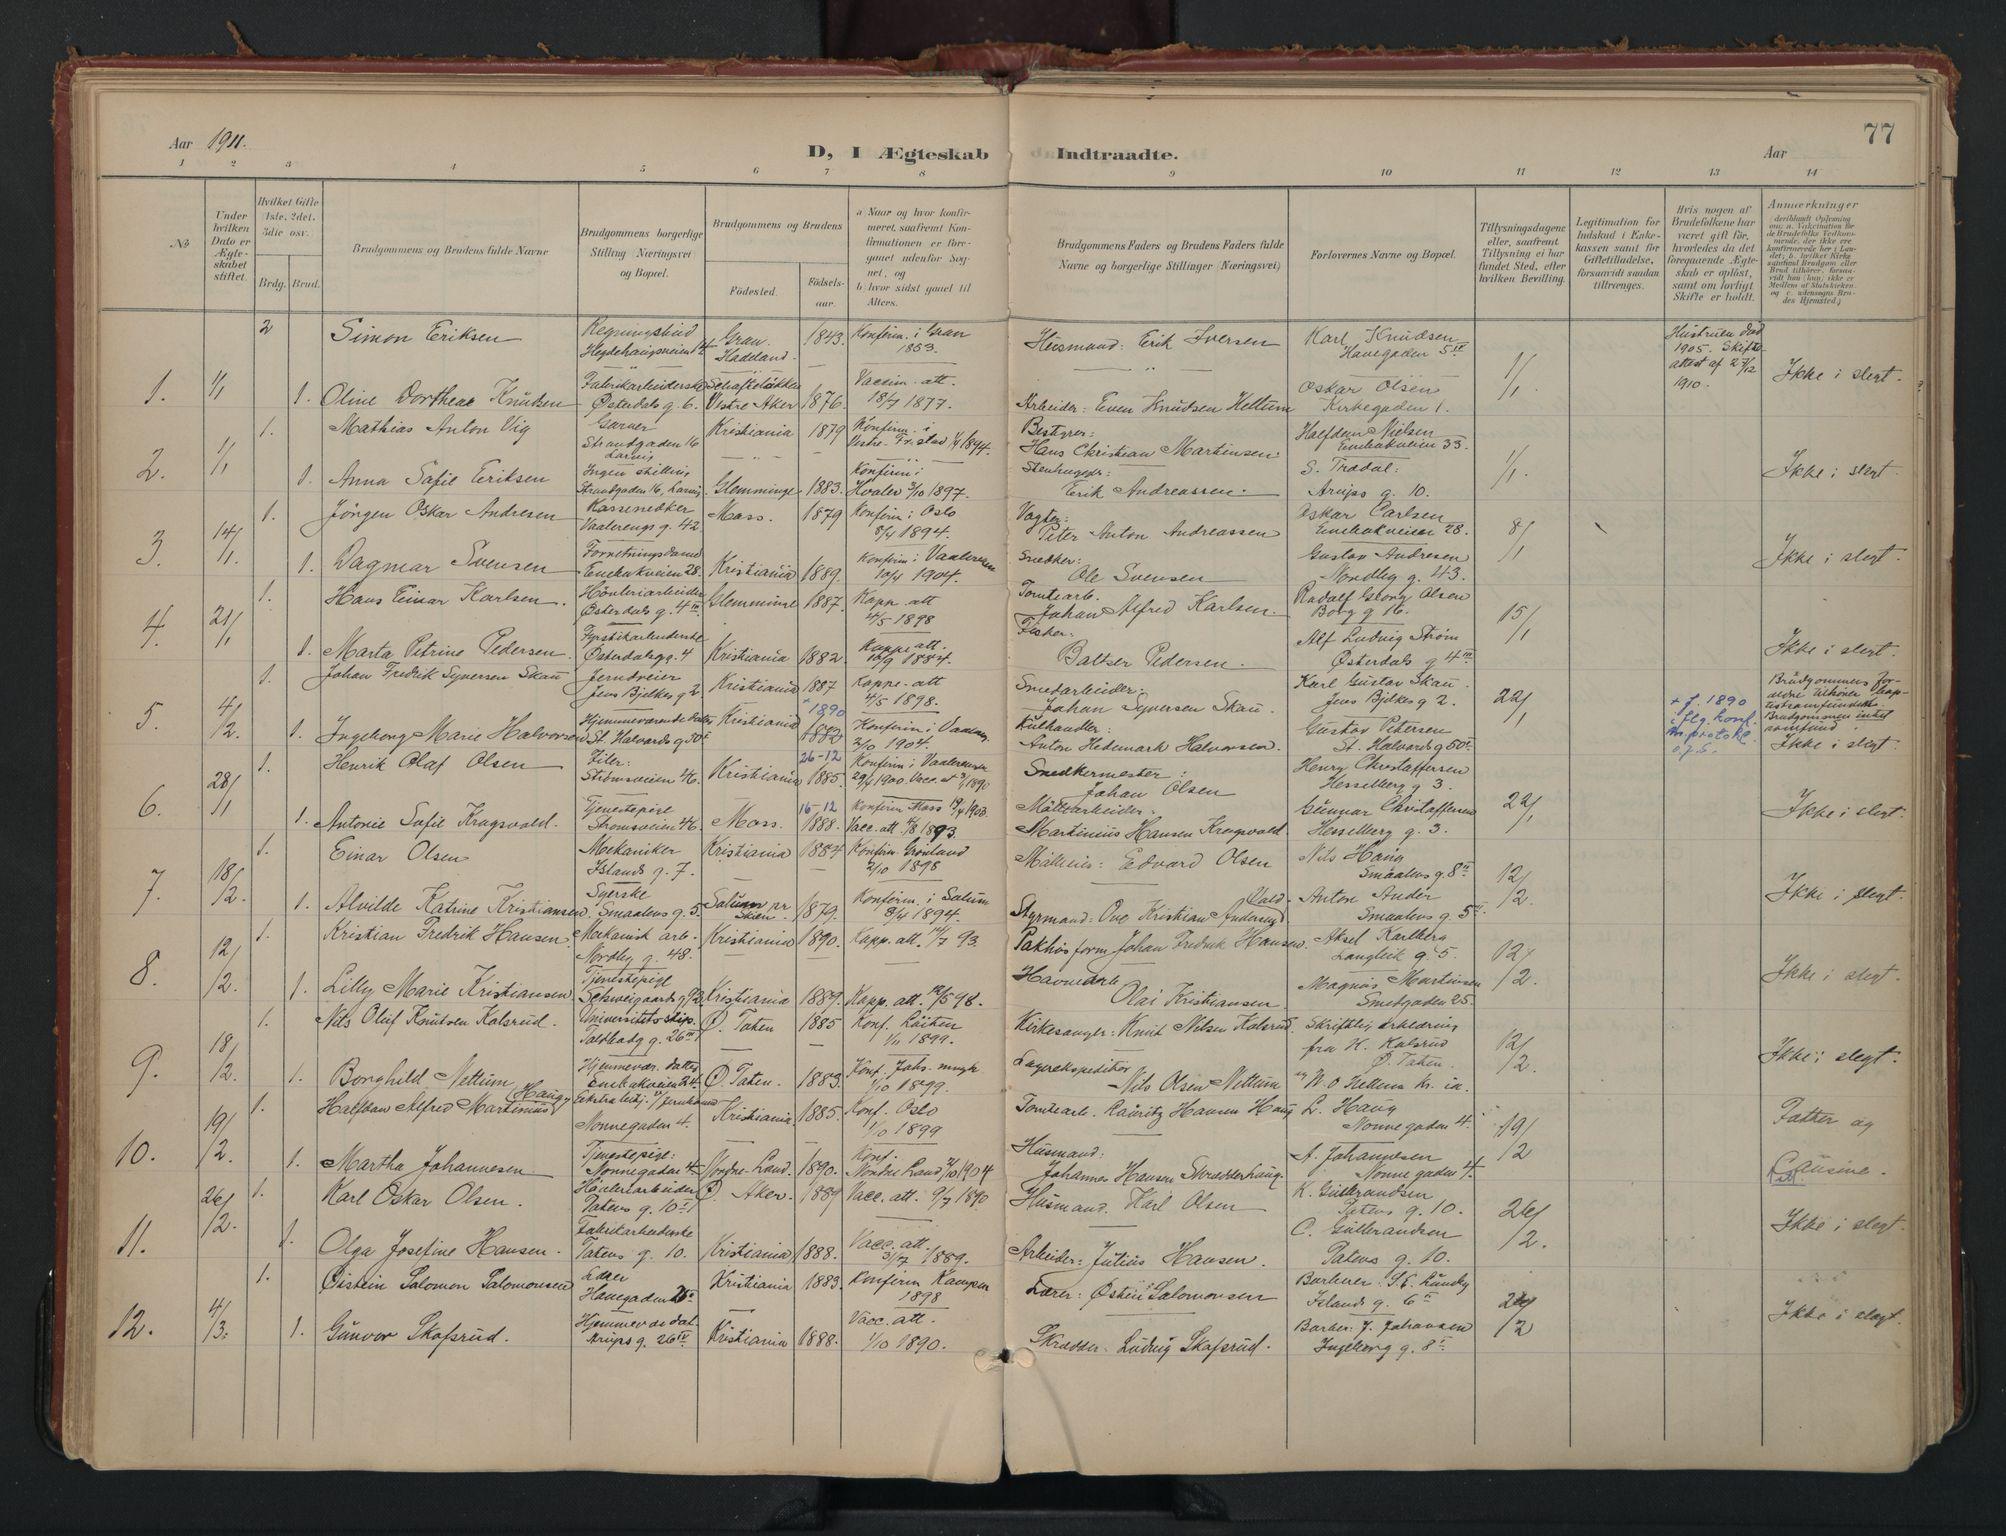 SAO, Vålerengen prestekontor Kirkebøker, F/Fa/L0002: Ministerialbok nr. 2, 1899-1924, s. 77